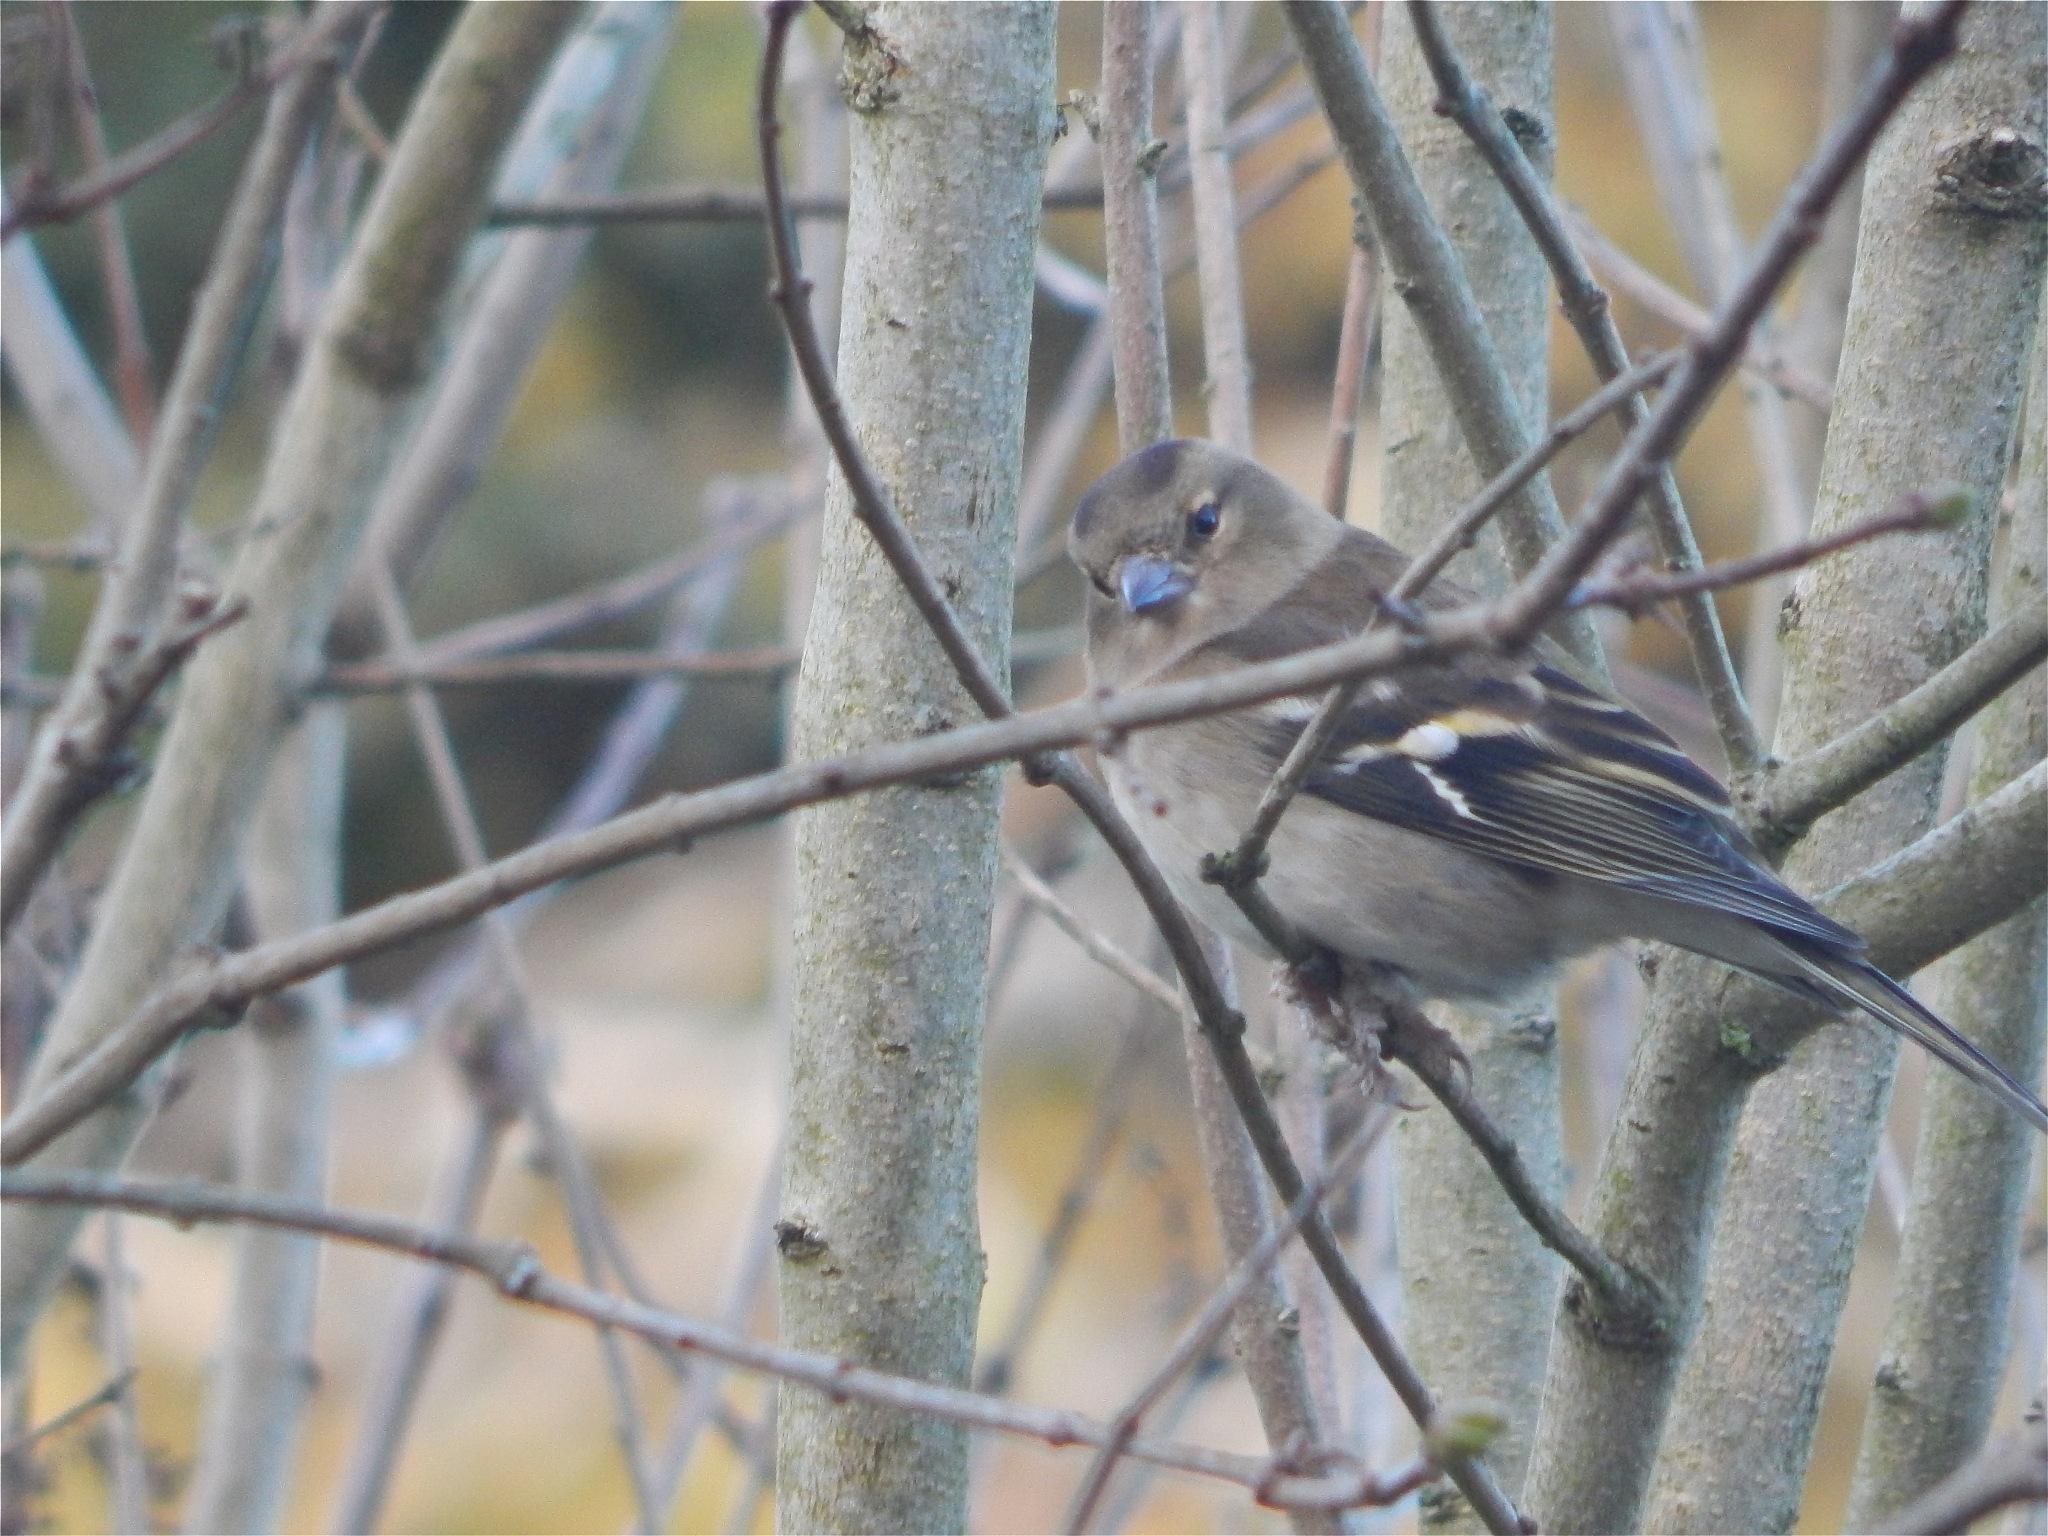 bird 1/20 by nikita.buckley.9